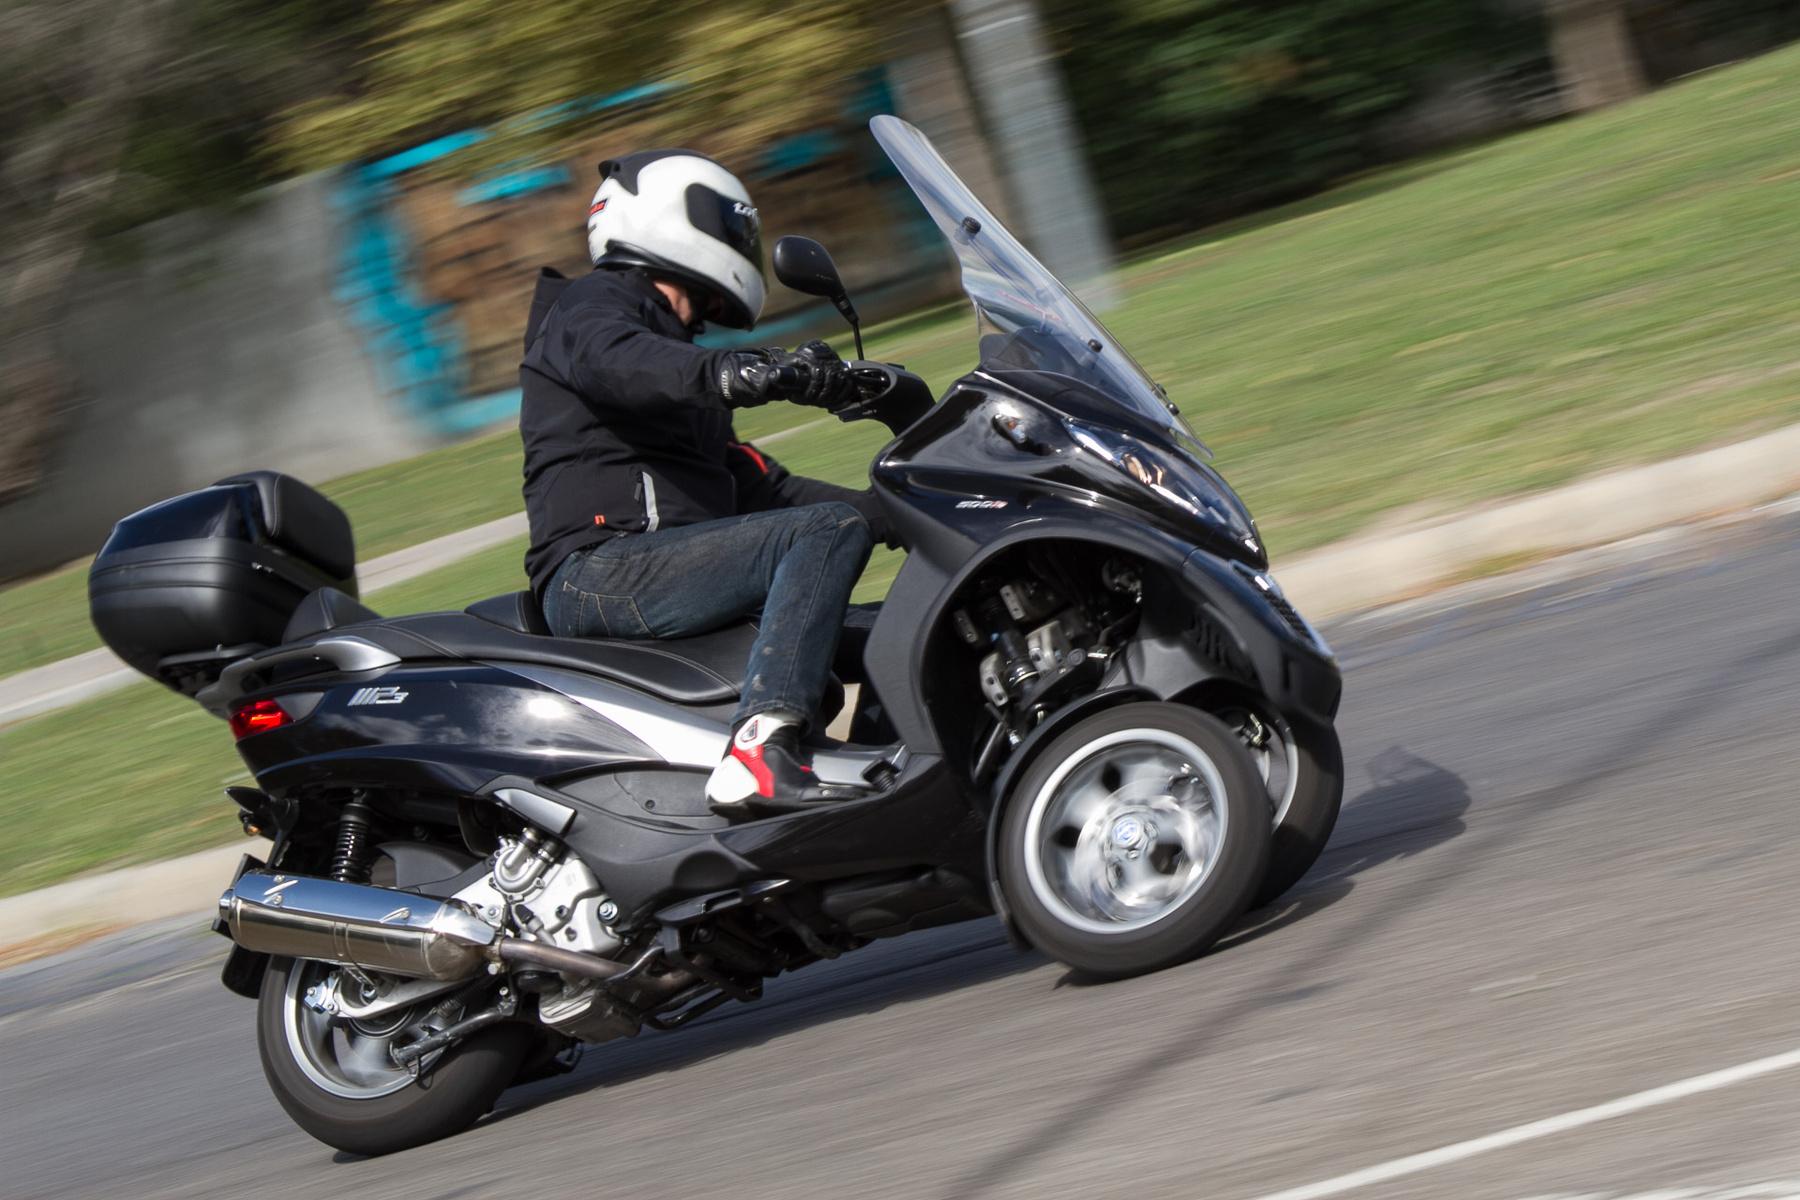 A legális sebességtartományban nincs problémája, de elinduláskor 30 alatt kissé ábrándozik